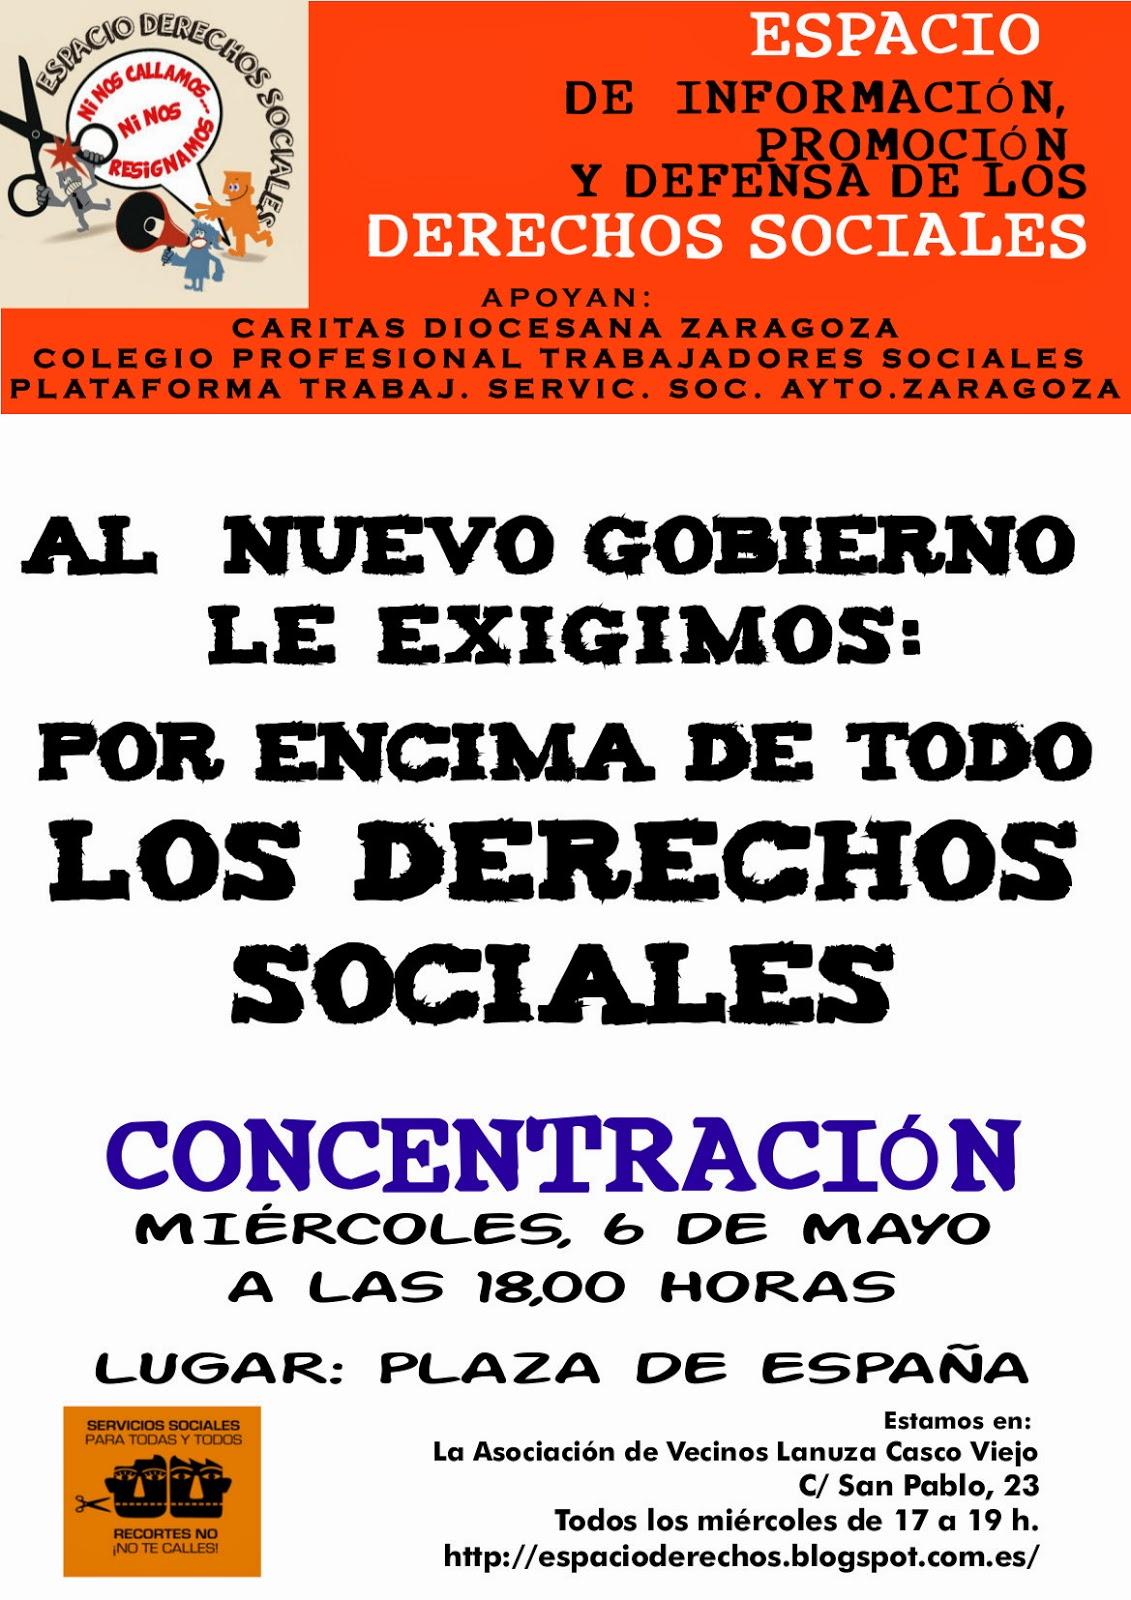 Concentración Espacio Derechos Sociales, Plataforma de Profesionales de Servicios Sociales